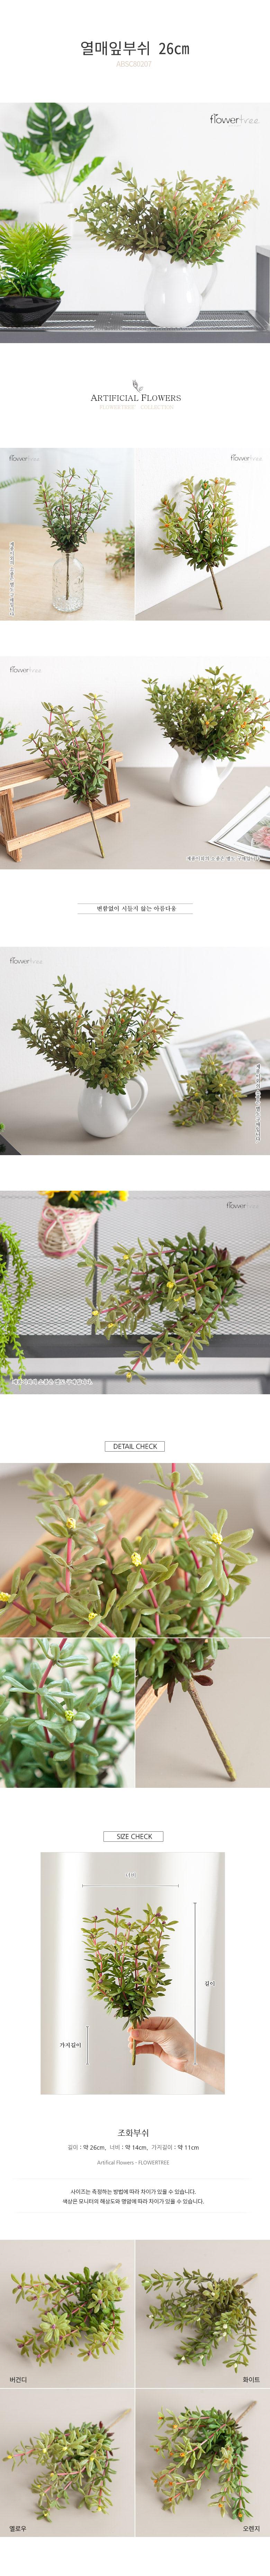 열매잎부쉬 26cm [조화] - 플라워트리, 6,480원, 조화, 부쉬